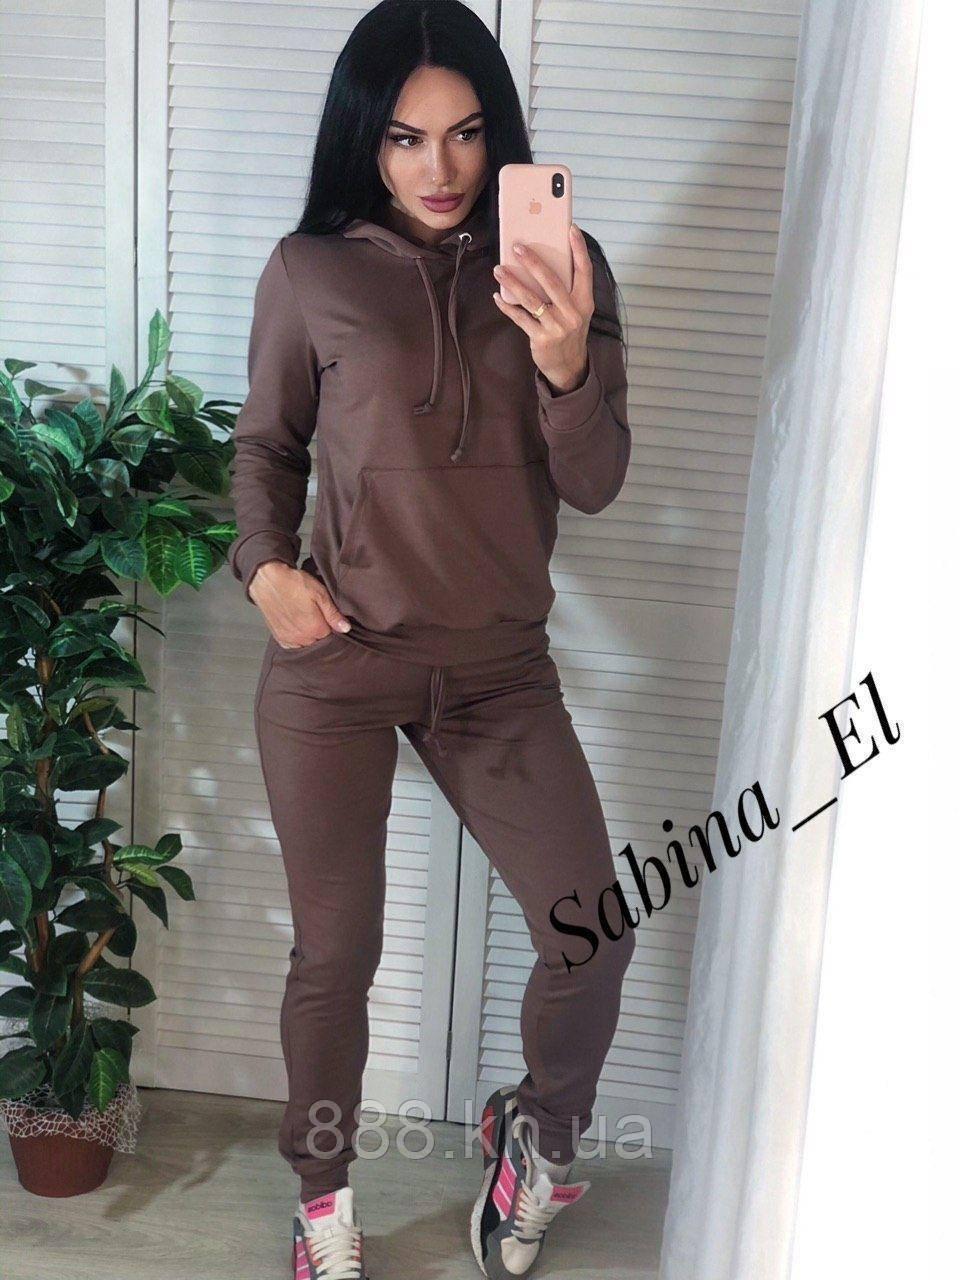 Спортивный костюм, турецкая двухнитка люкс качество S/M/L/XL